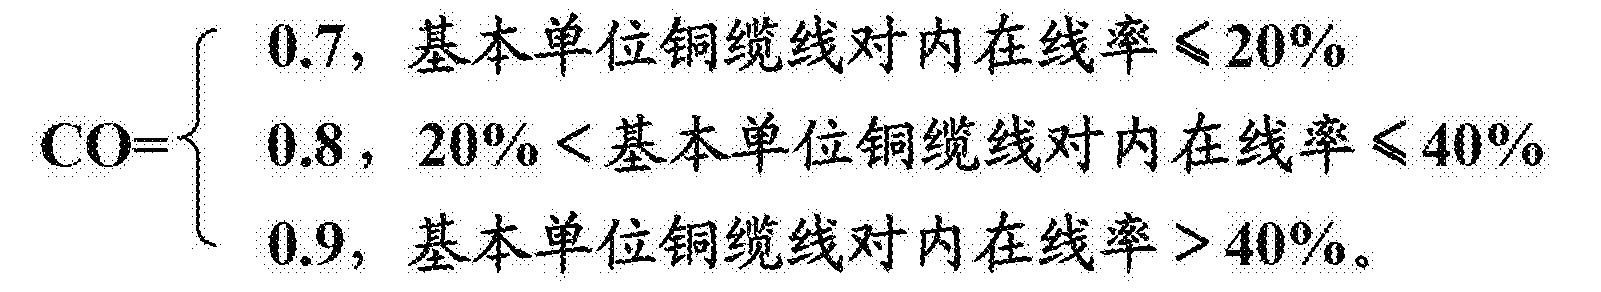 Figure CN104219172BD00131